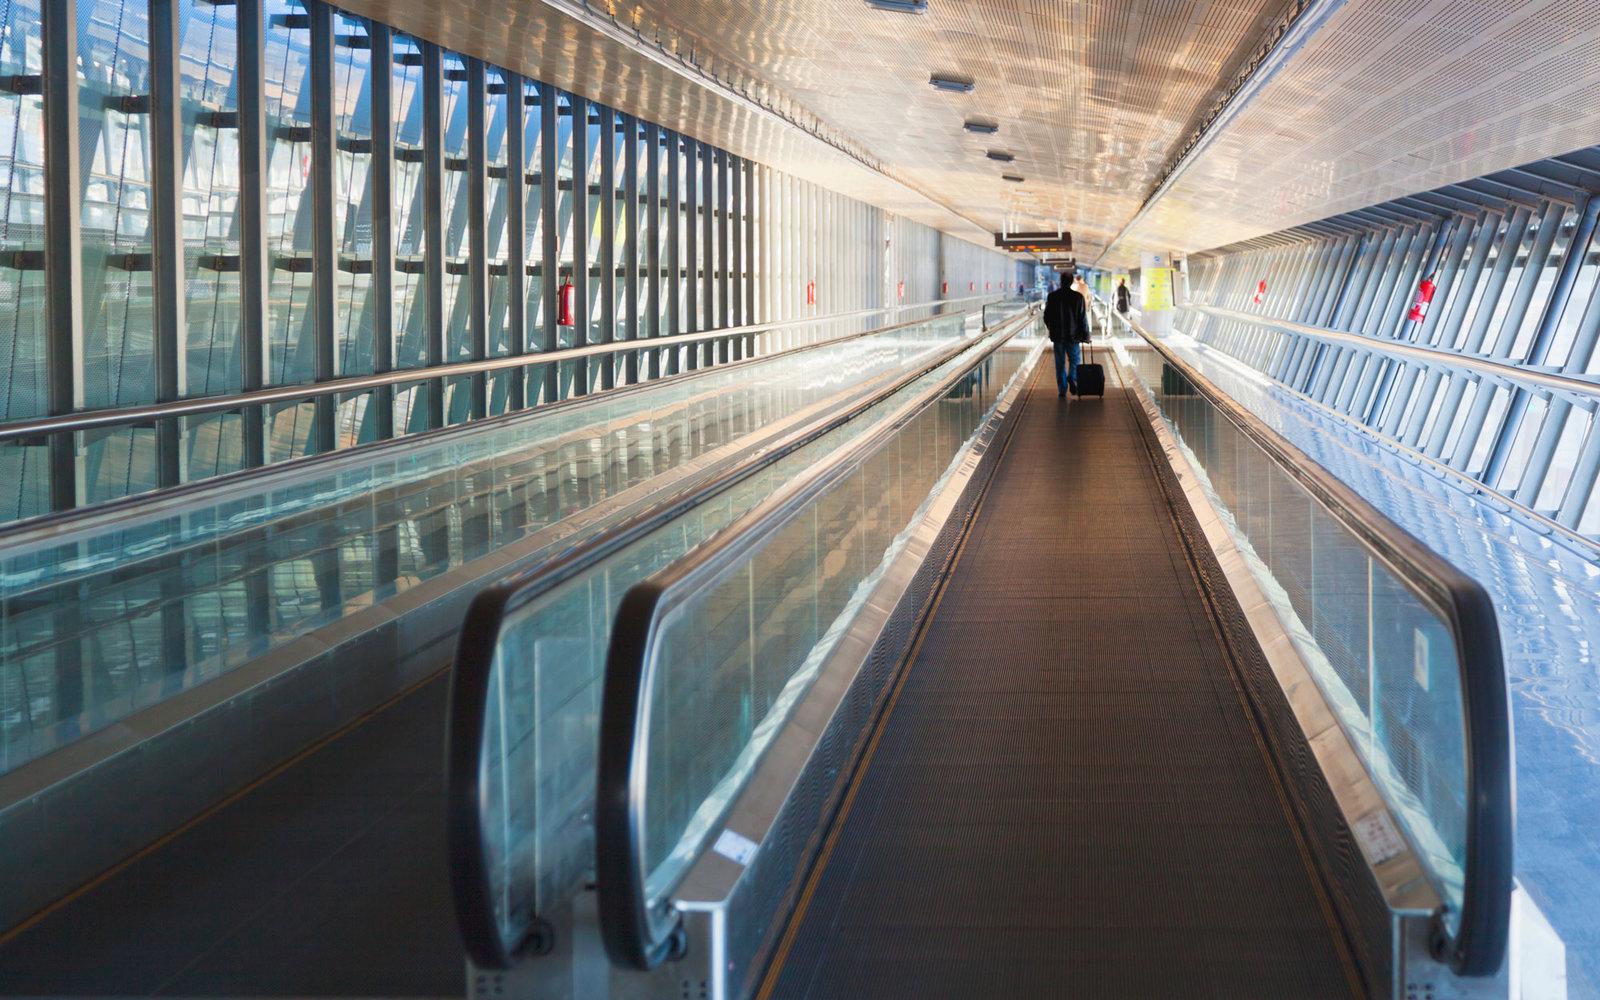 moving-walkway-SWM1115